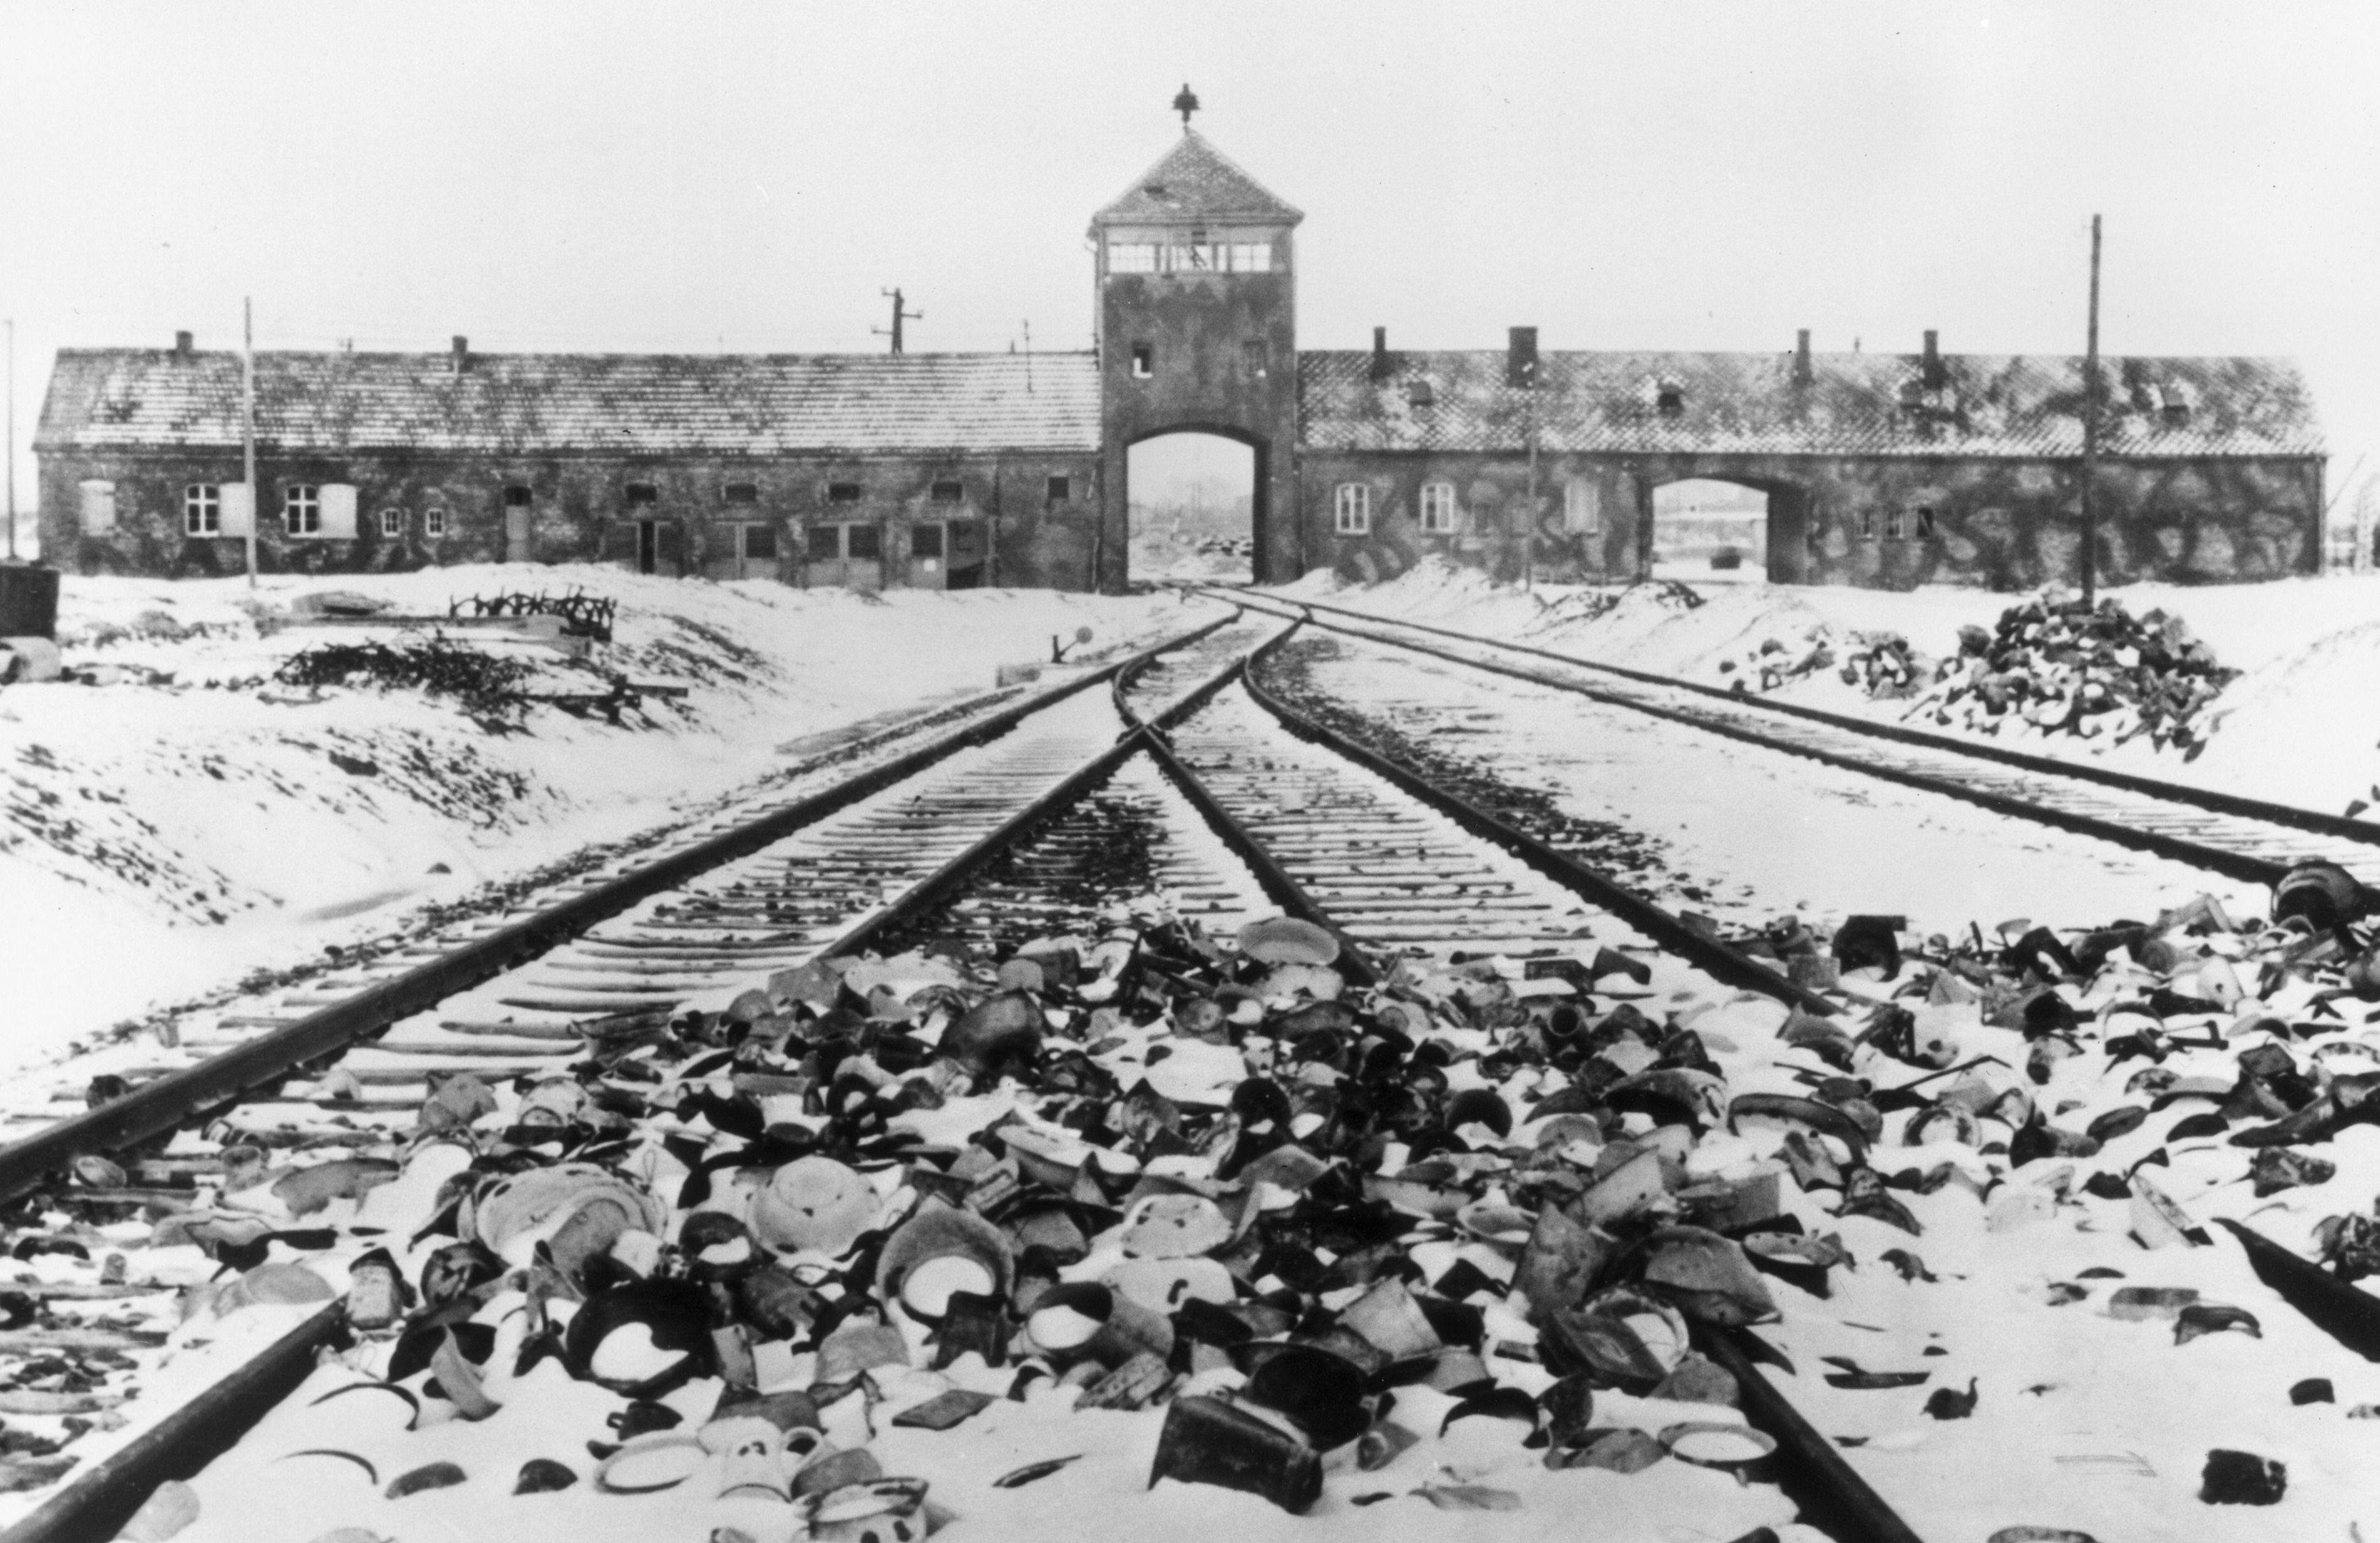 Erinnern, erzählen und berichten: Damit das Gedächtnis an die Opfer des Holocaust lebendig bleibt. Das Marie-Curie-Gymnasium Bönen beteiligt sich am `Internationalen Tag des Gedenkens an die Opfer des Holocaust´.